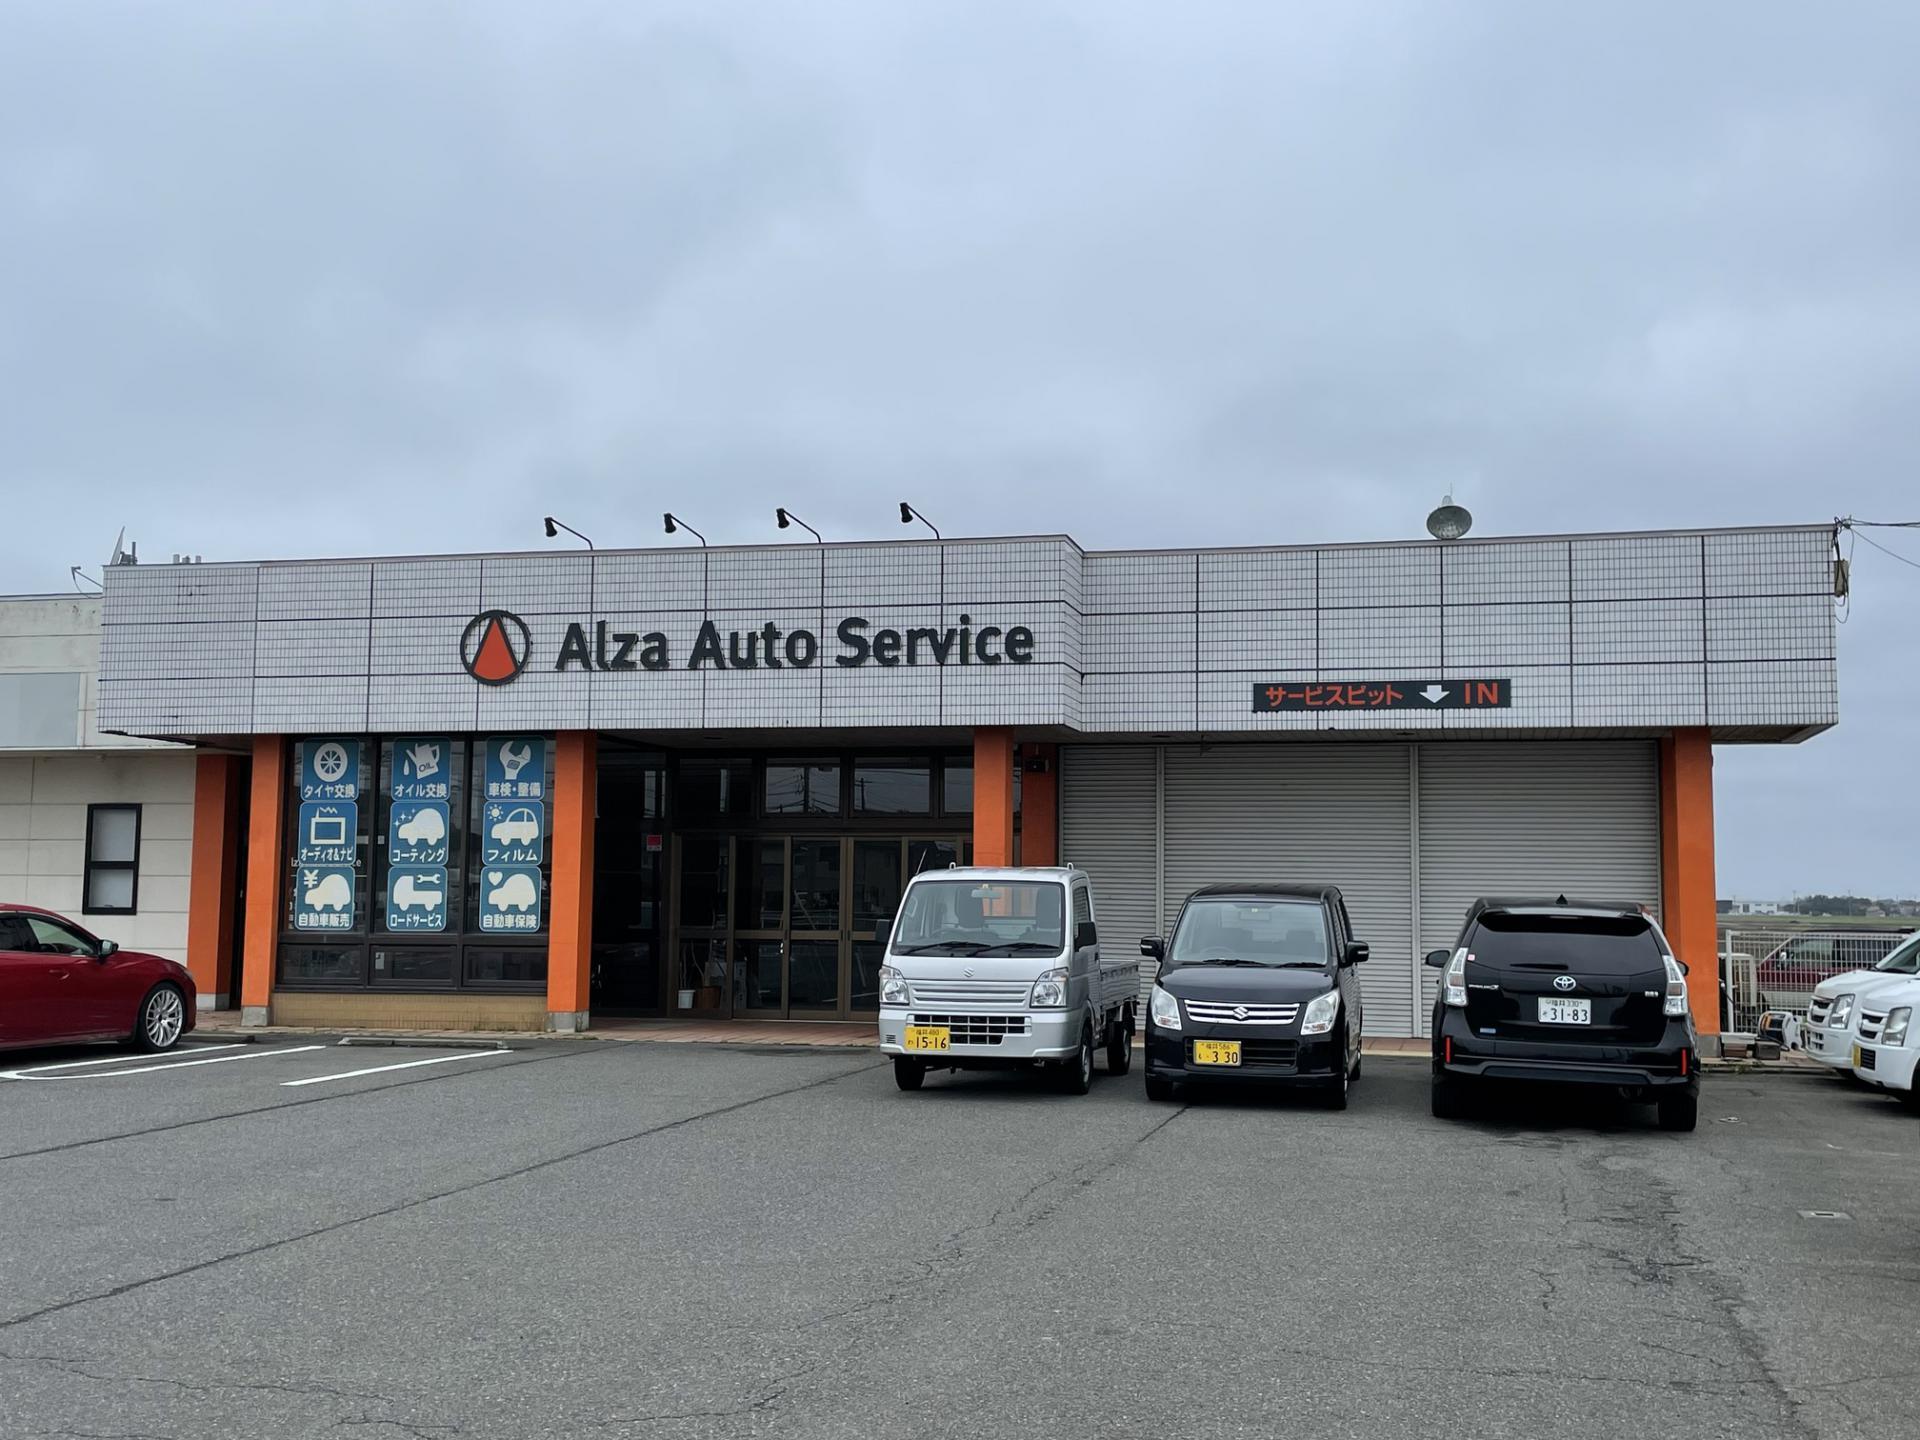 有限会社 アルザオートサービス  新車市場 坂井店